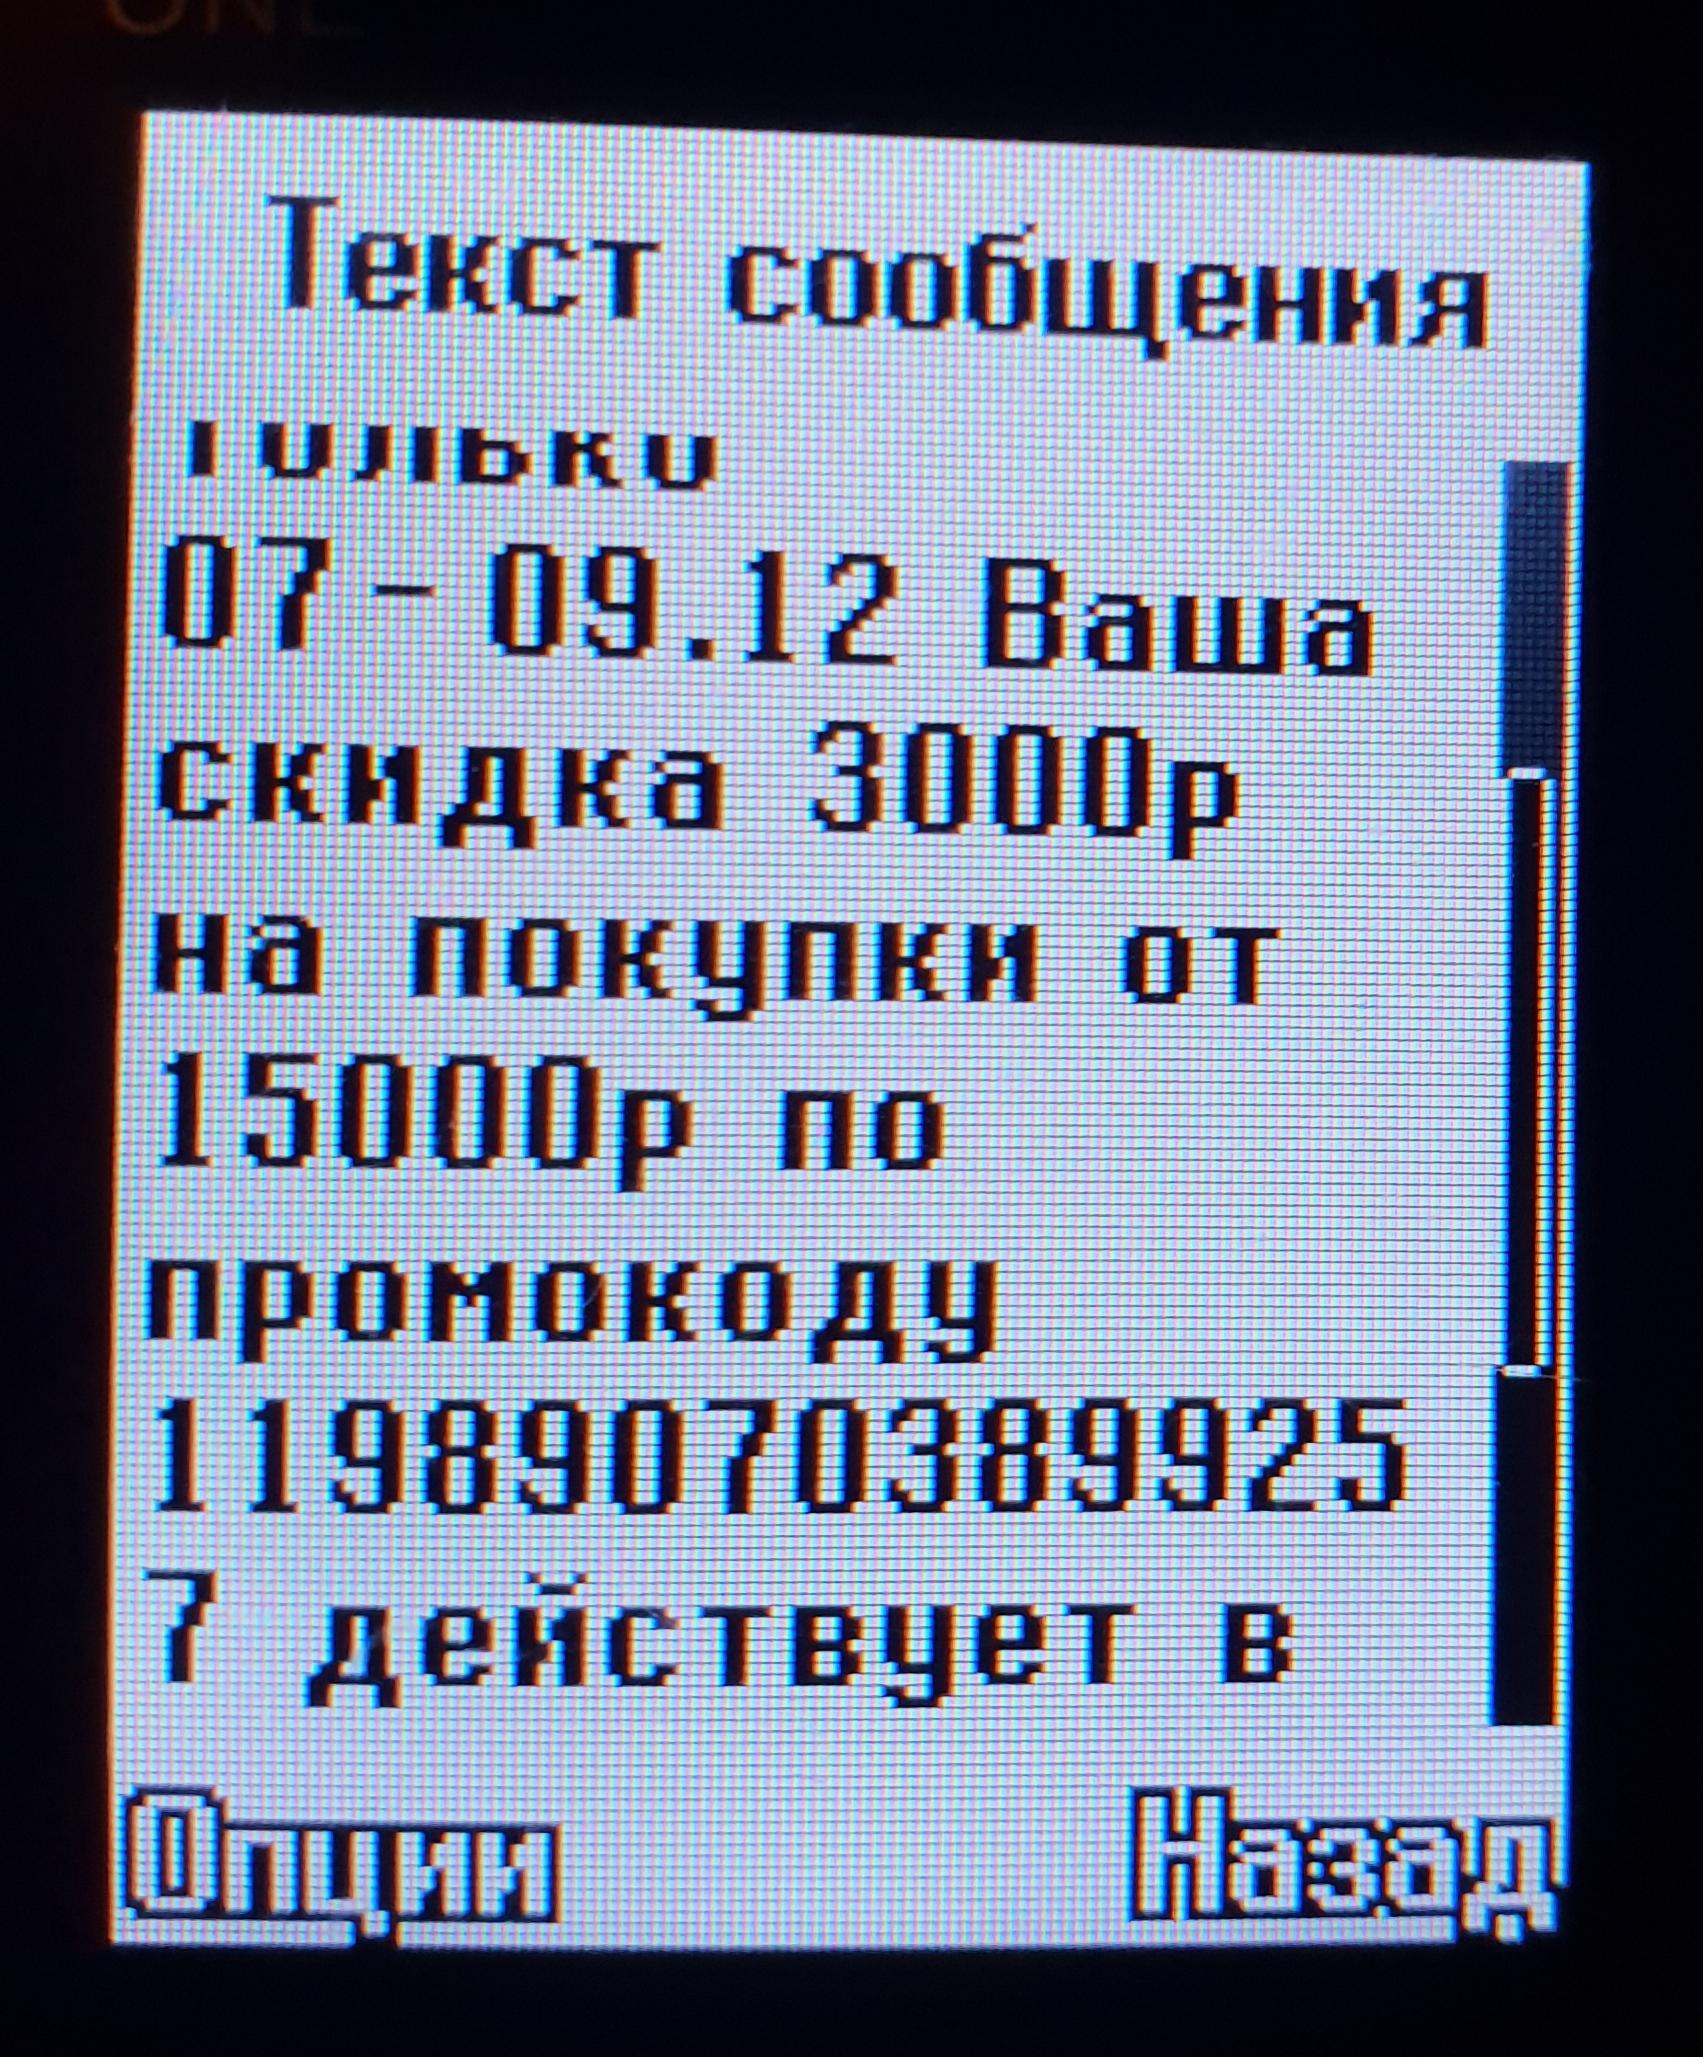 20181207_160002.jpg